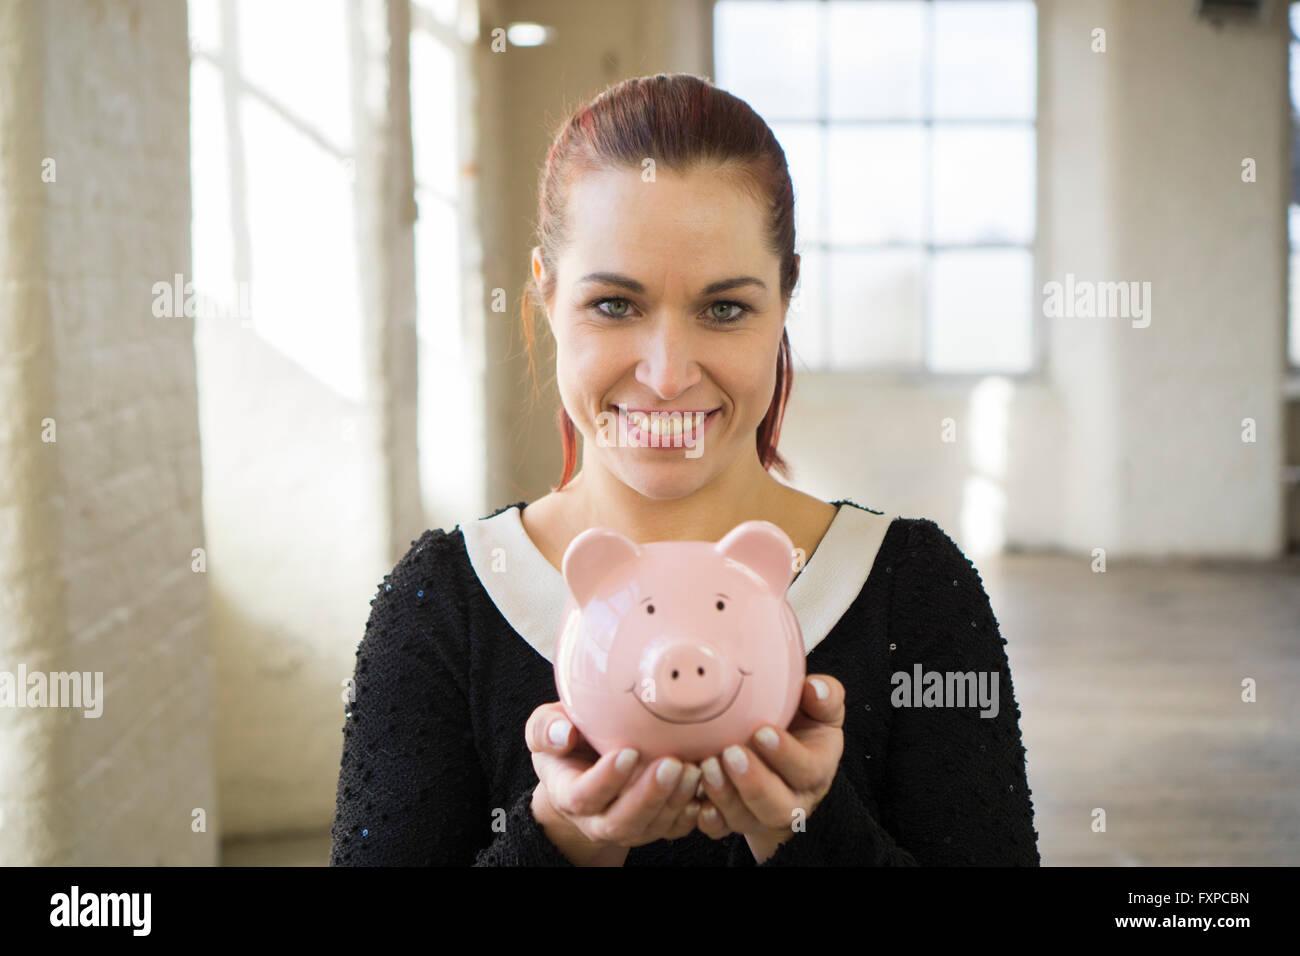 Glückliche Frau hält ein Sparschwein lächelnd Stockbild